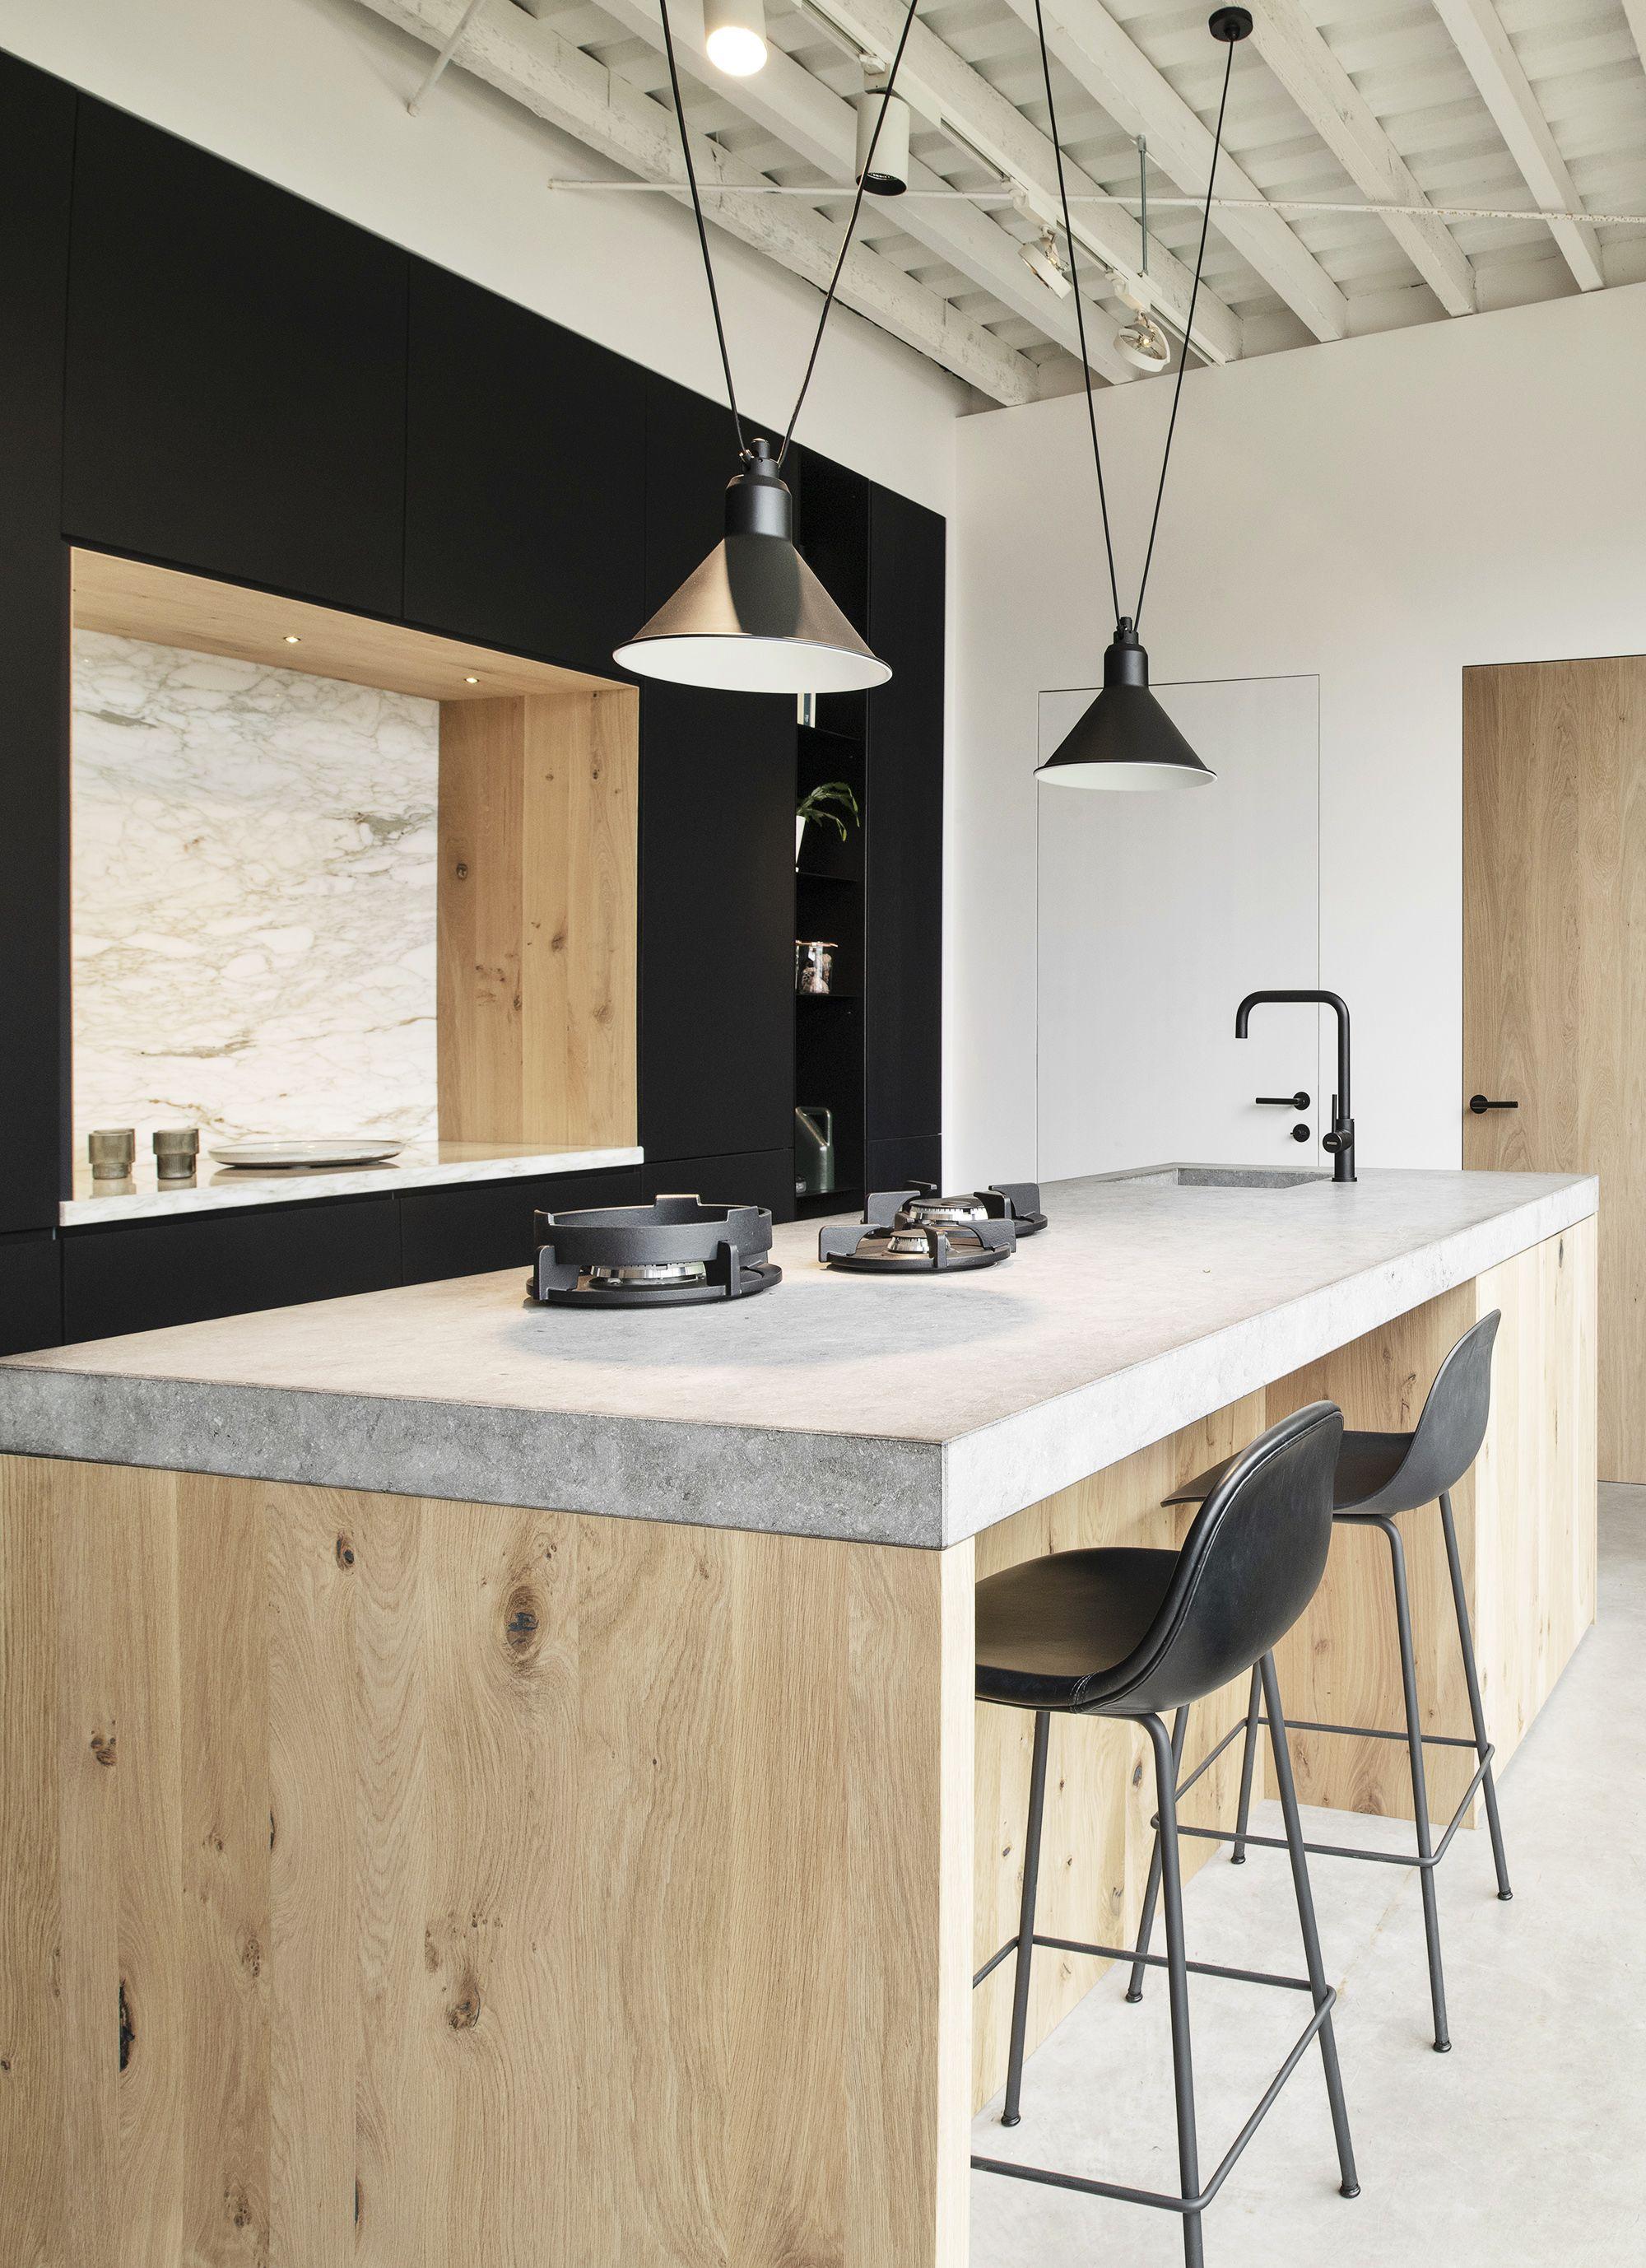 Maatwerk Keukens Hout Steen Staal En Composiet Op Maat Houtmerk In 2020 Vrijstaande Keuken Houten Keuken Keukens